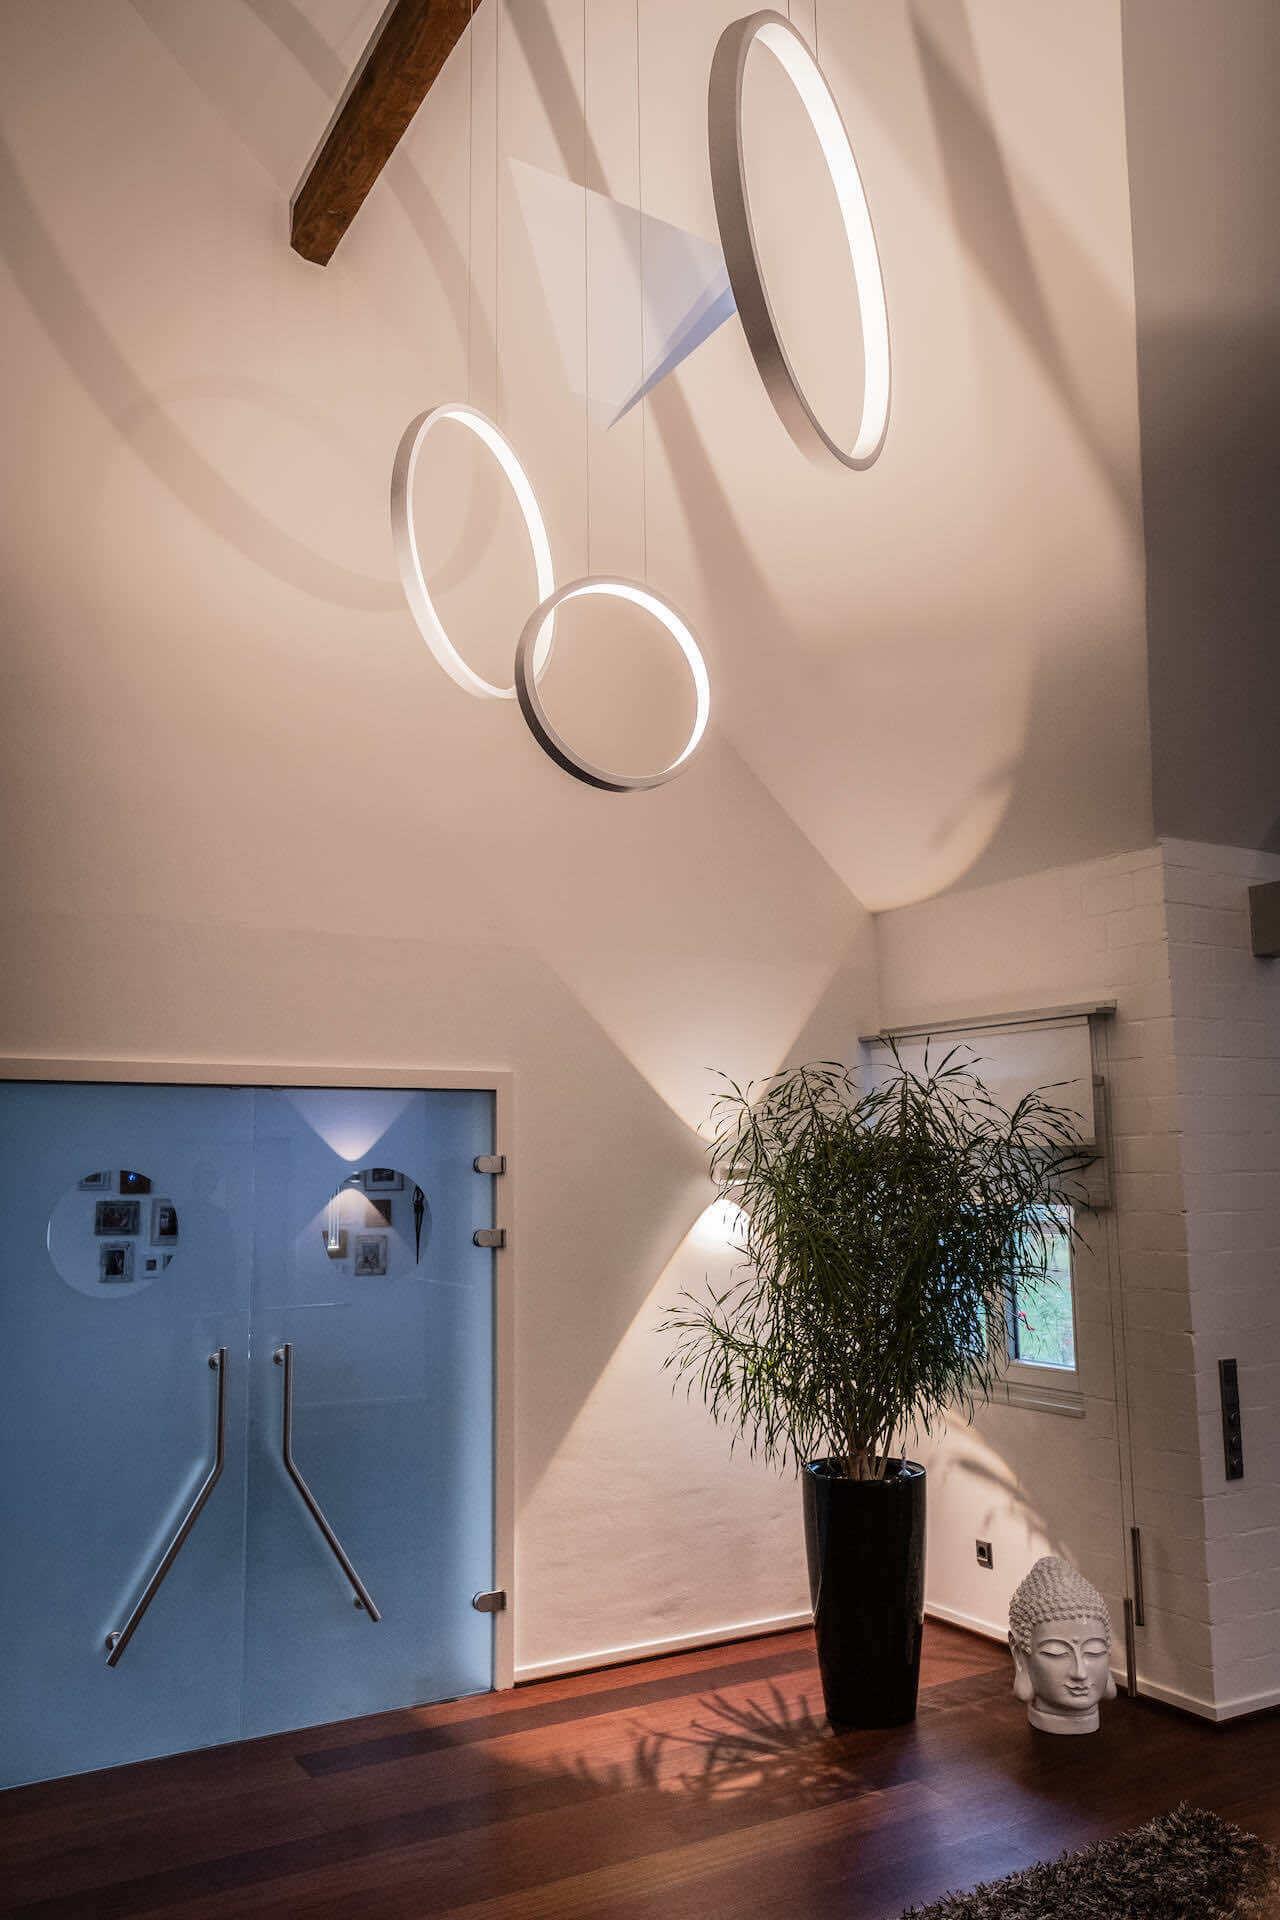 Atriumbeleuchtung Cini und Nils Assolo | Leuchten Lukassen